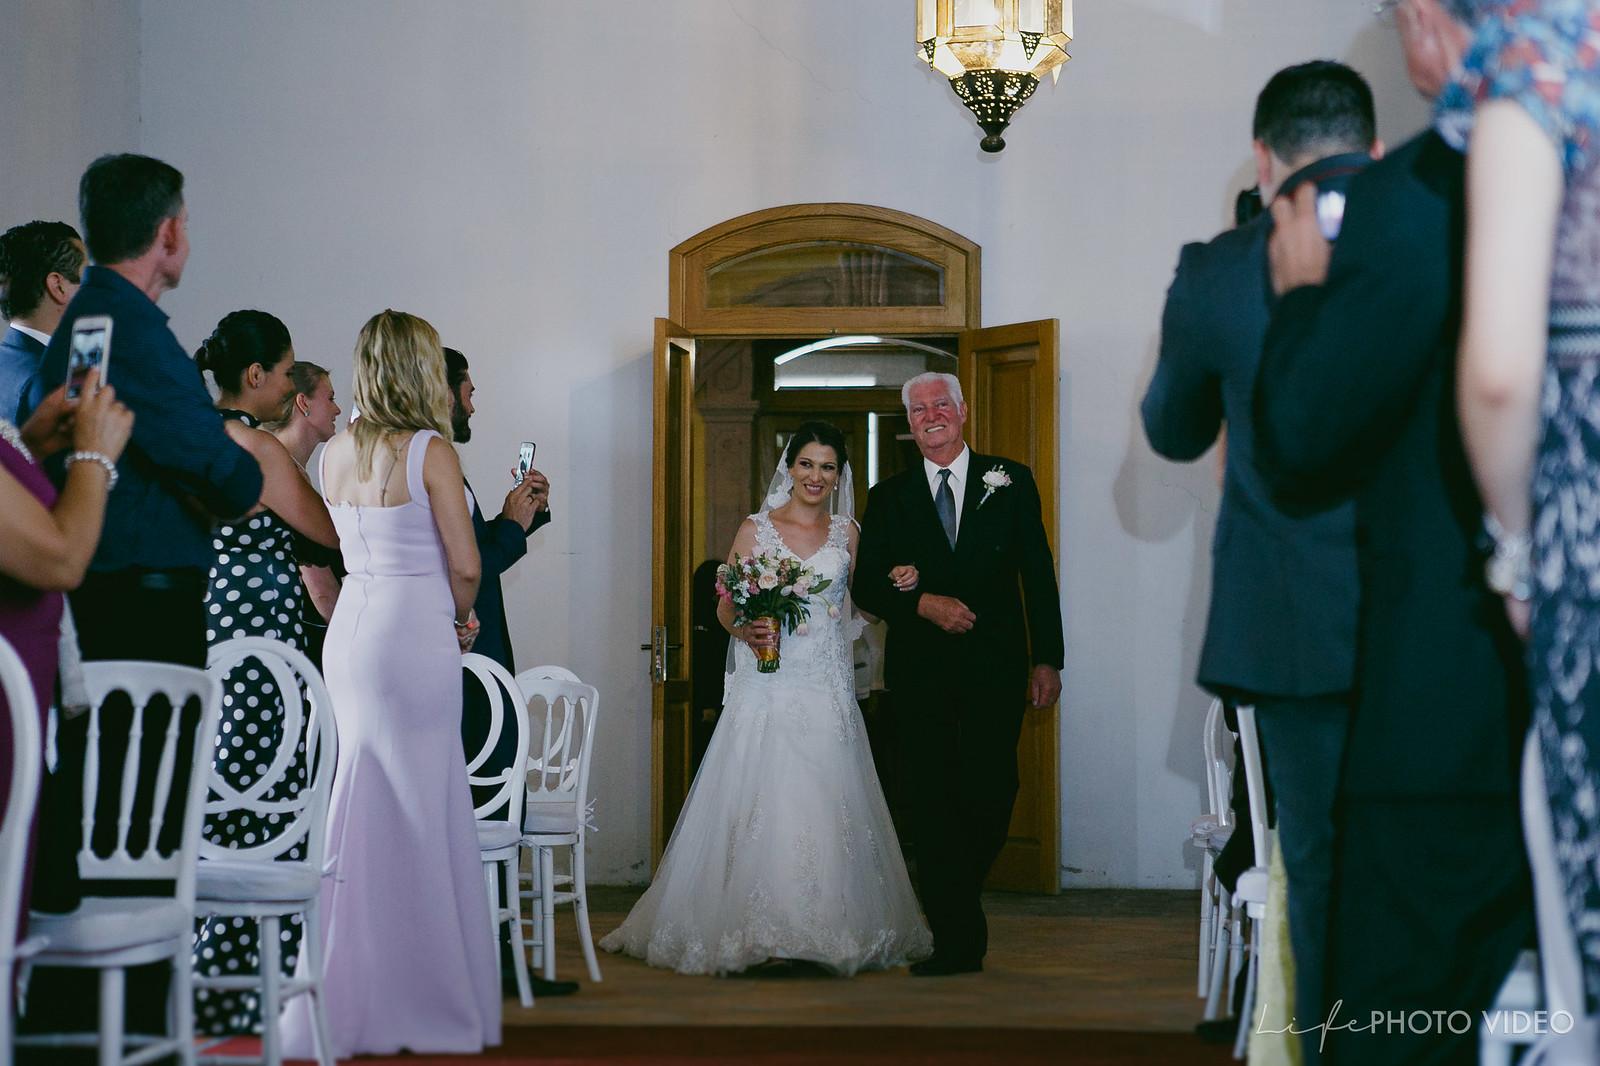 LifePhotoVideo_Boda_LeonGto_Wedding_0048.jpg